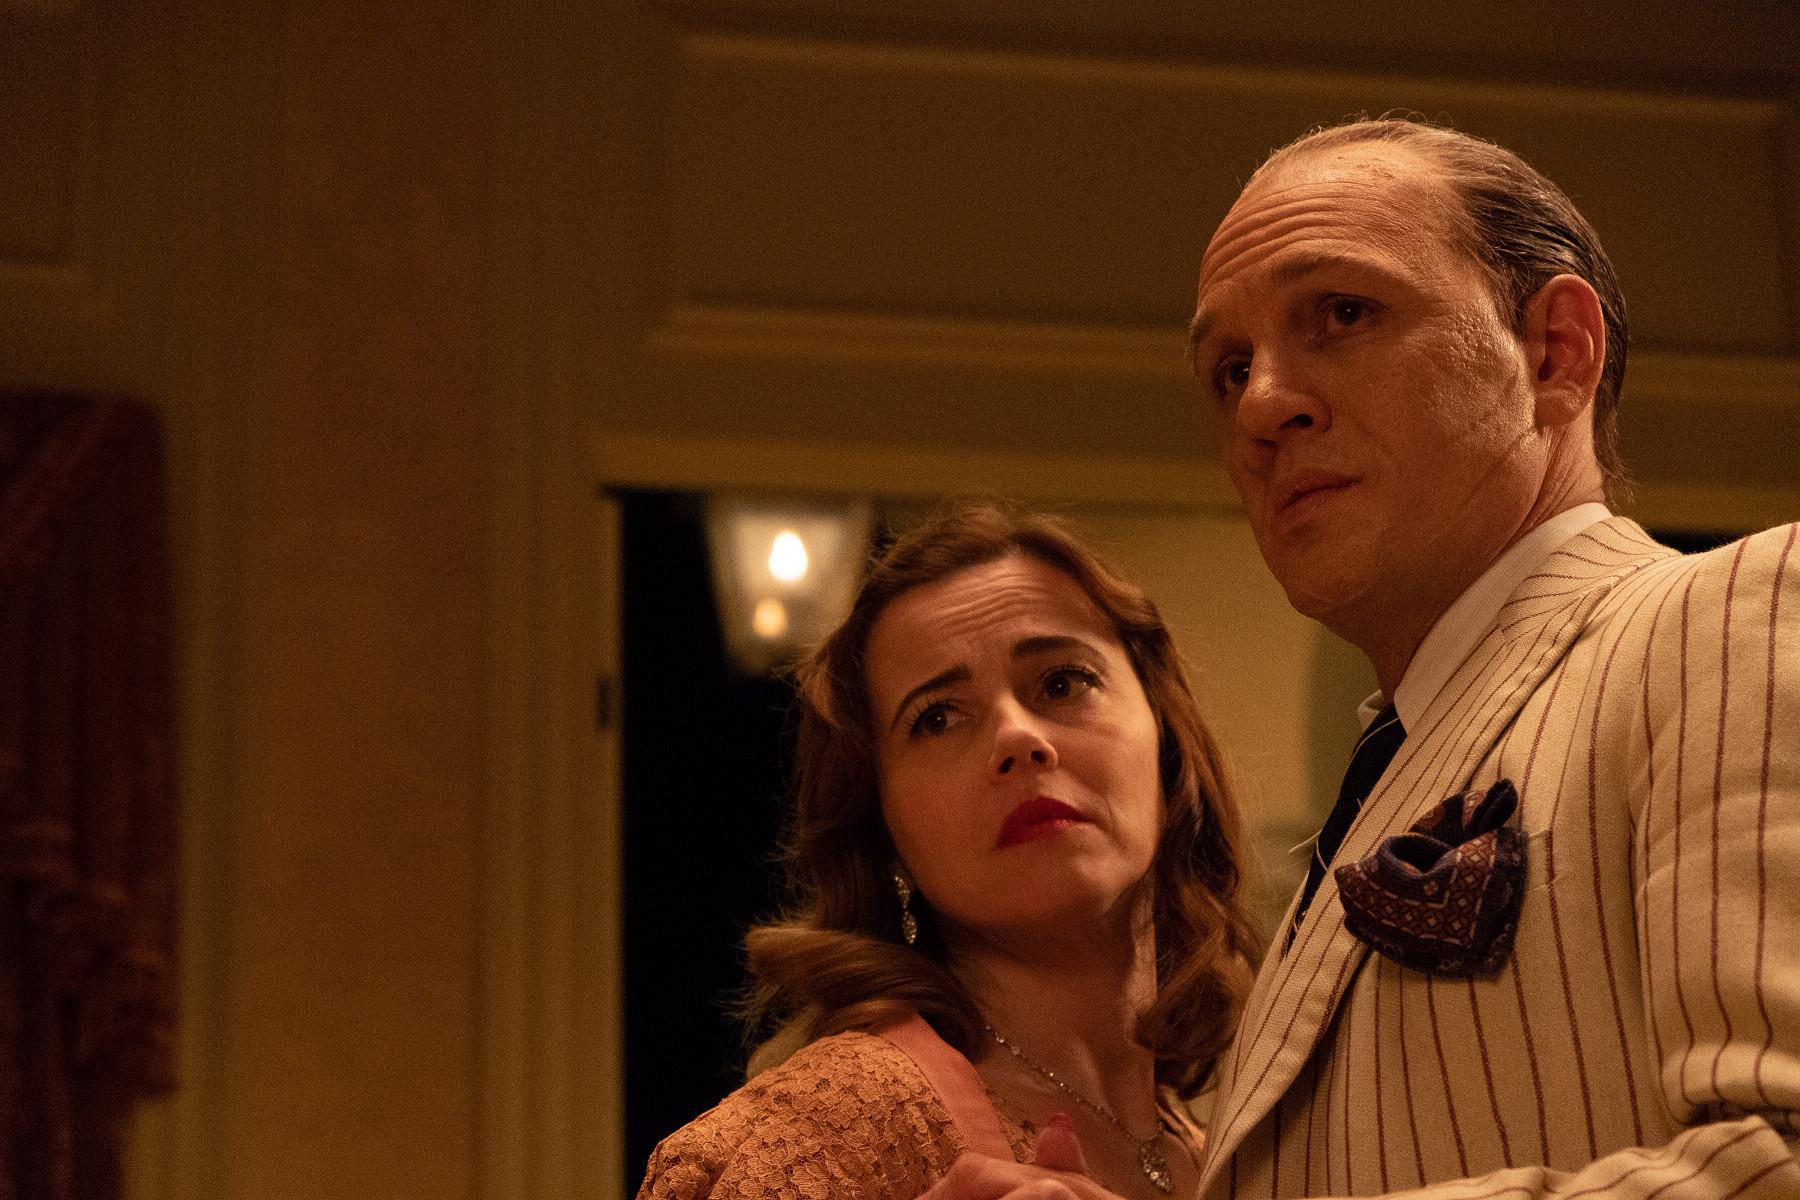 《疤面教父》湯姆哈迪接班艾爾帕西諾、勞勃狄尼洛 成過氣花花公子再現卡彭傳奇